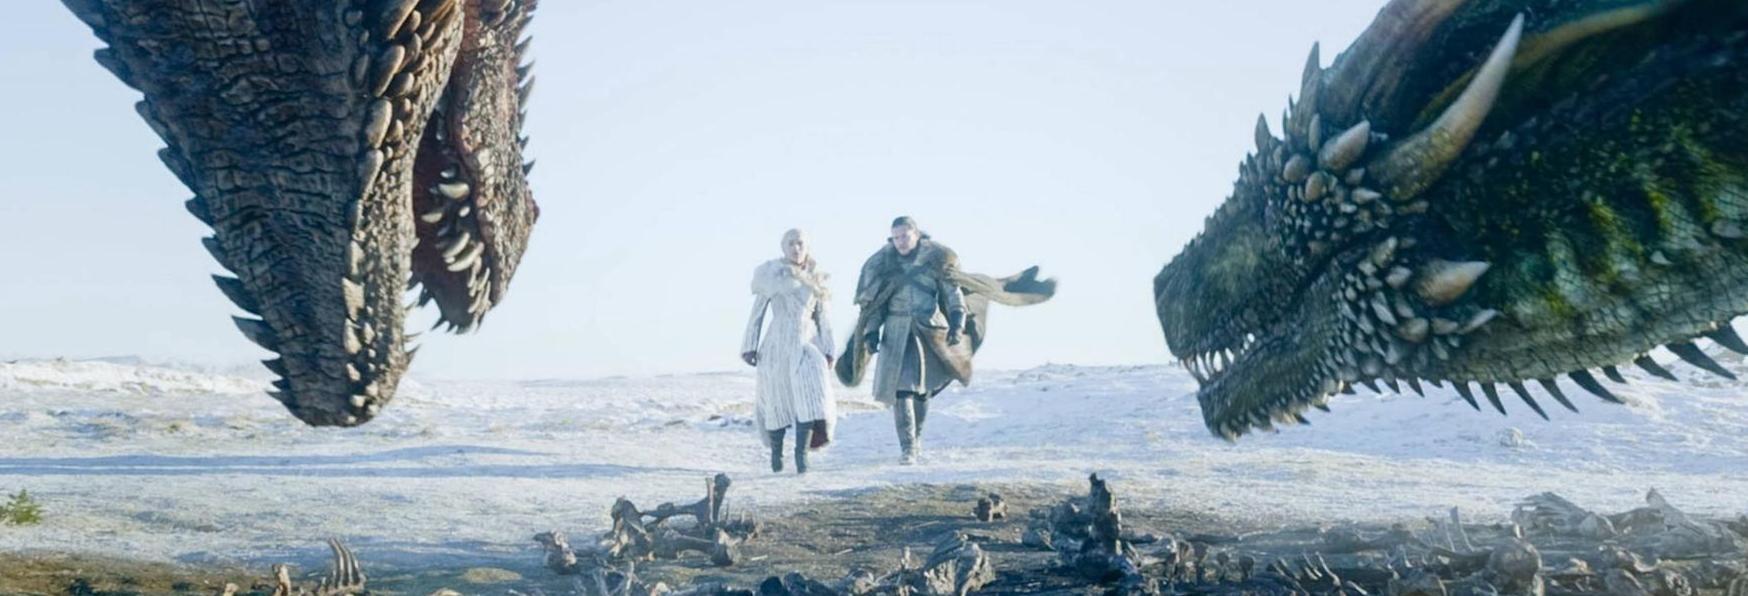 Confermato: il tanto Discusso Prequel di Game of Thrones sarà Girato in Italia questo Mese